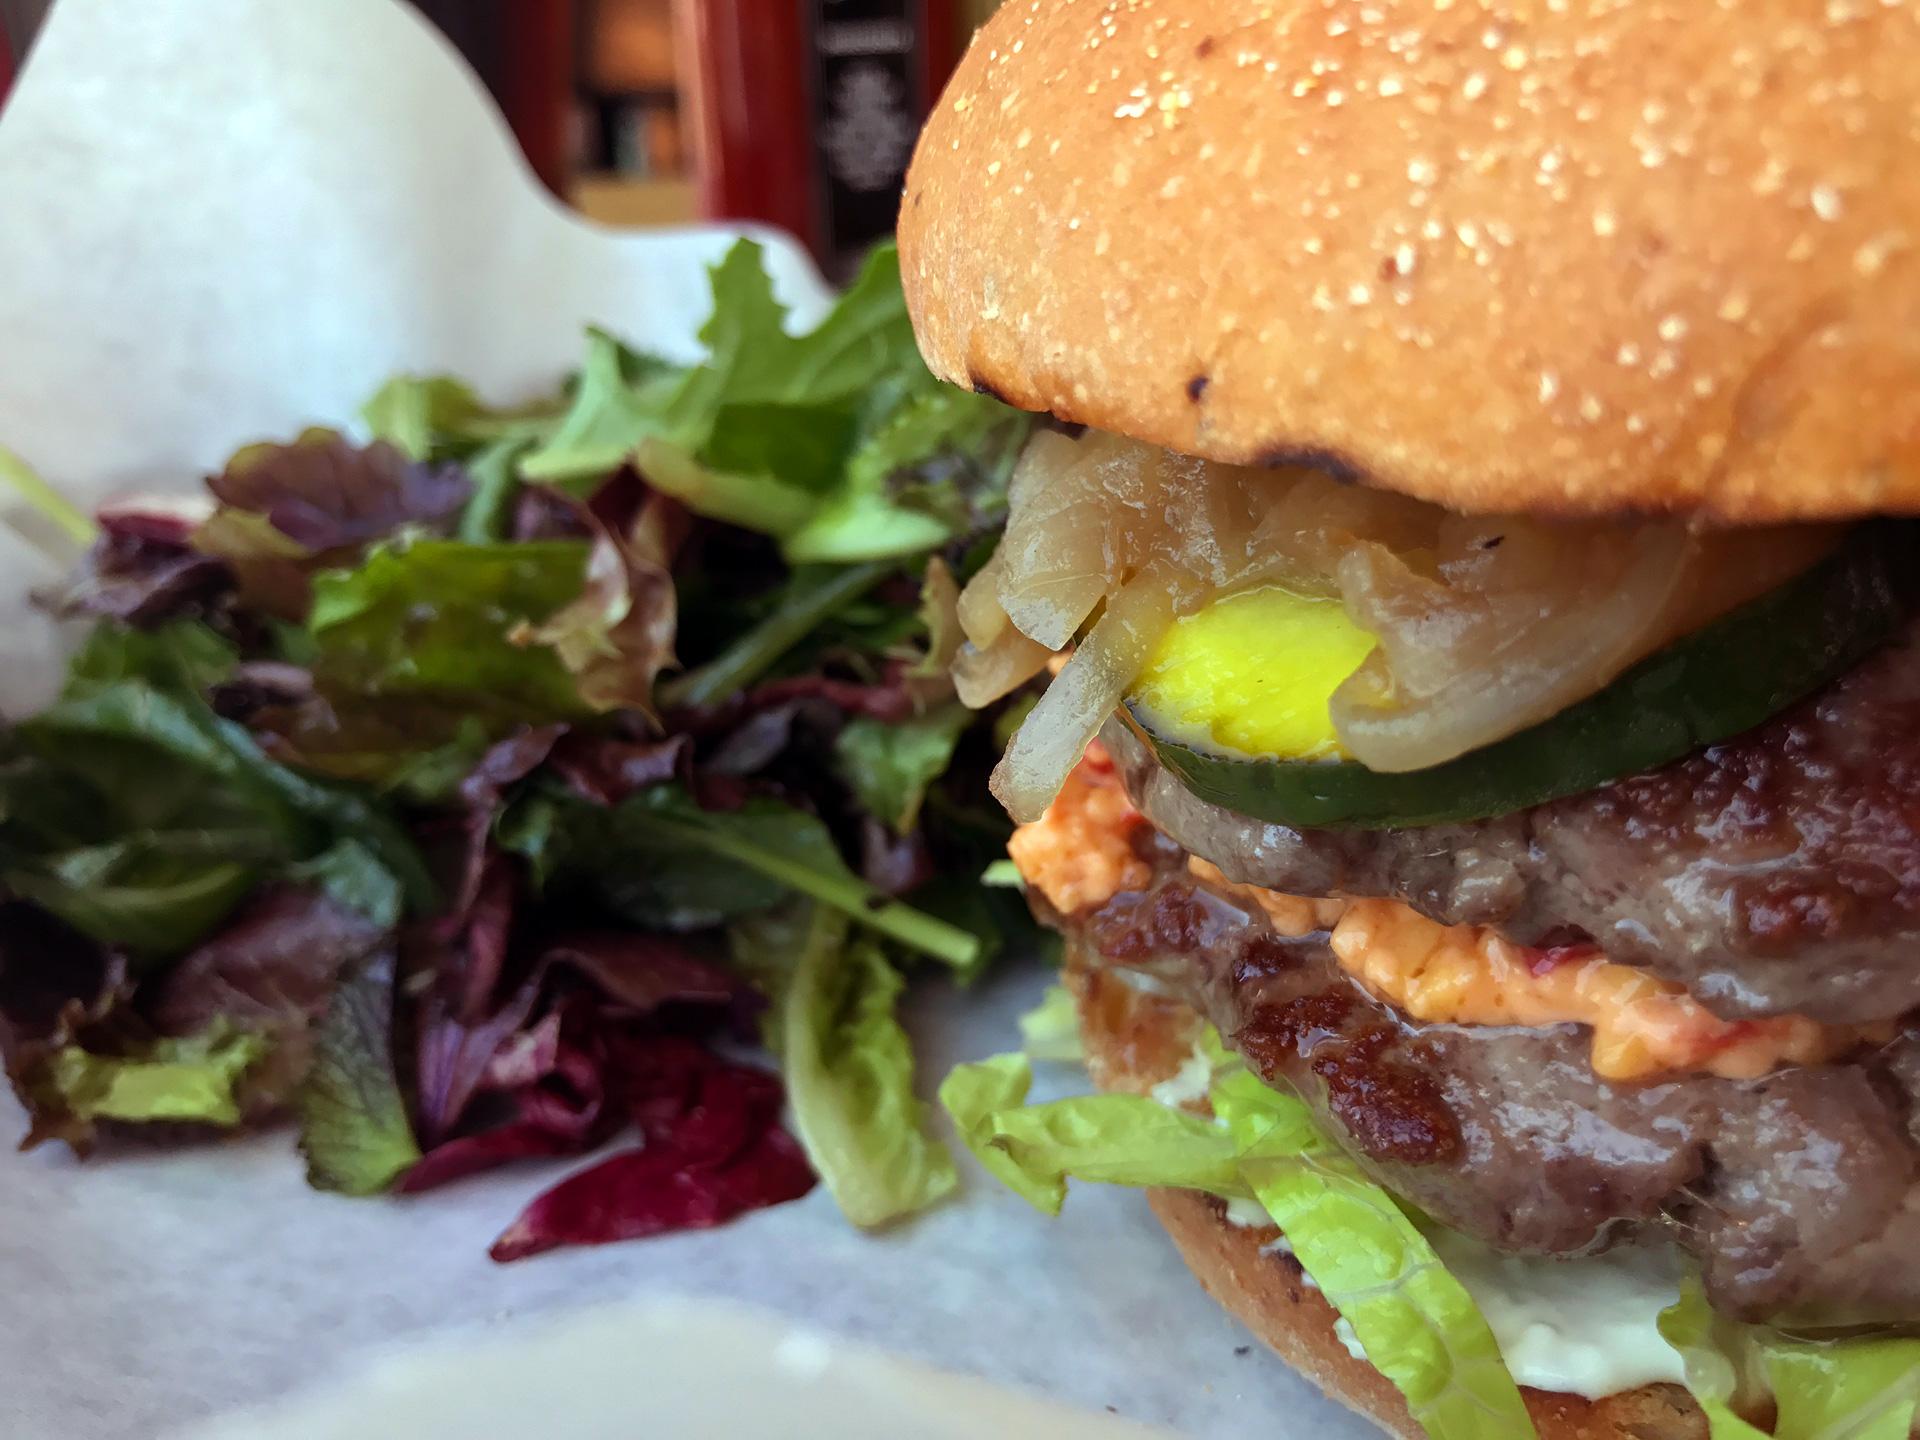 Clove and Hoof's double-decker grass-fed burger.